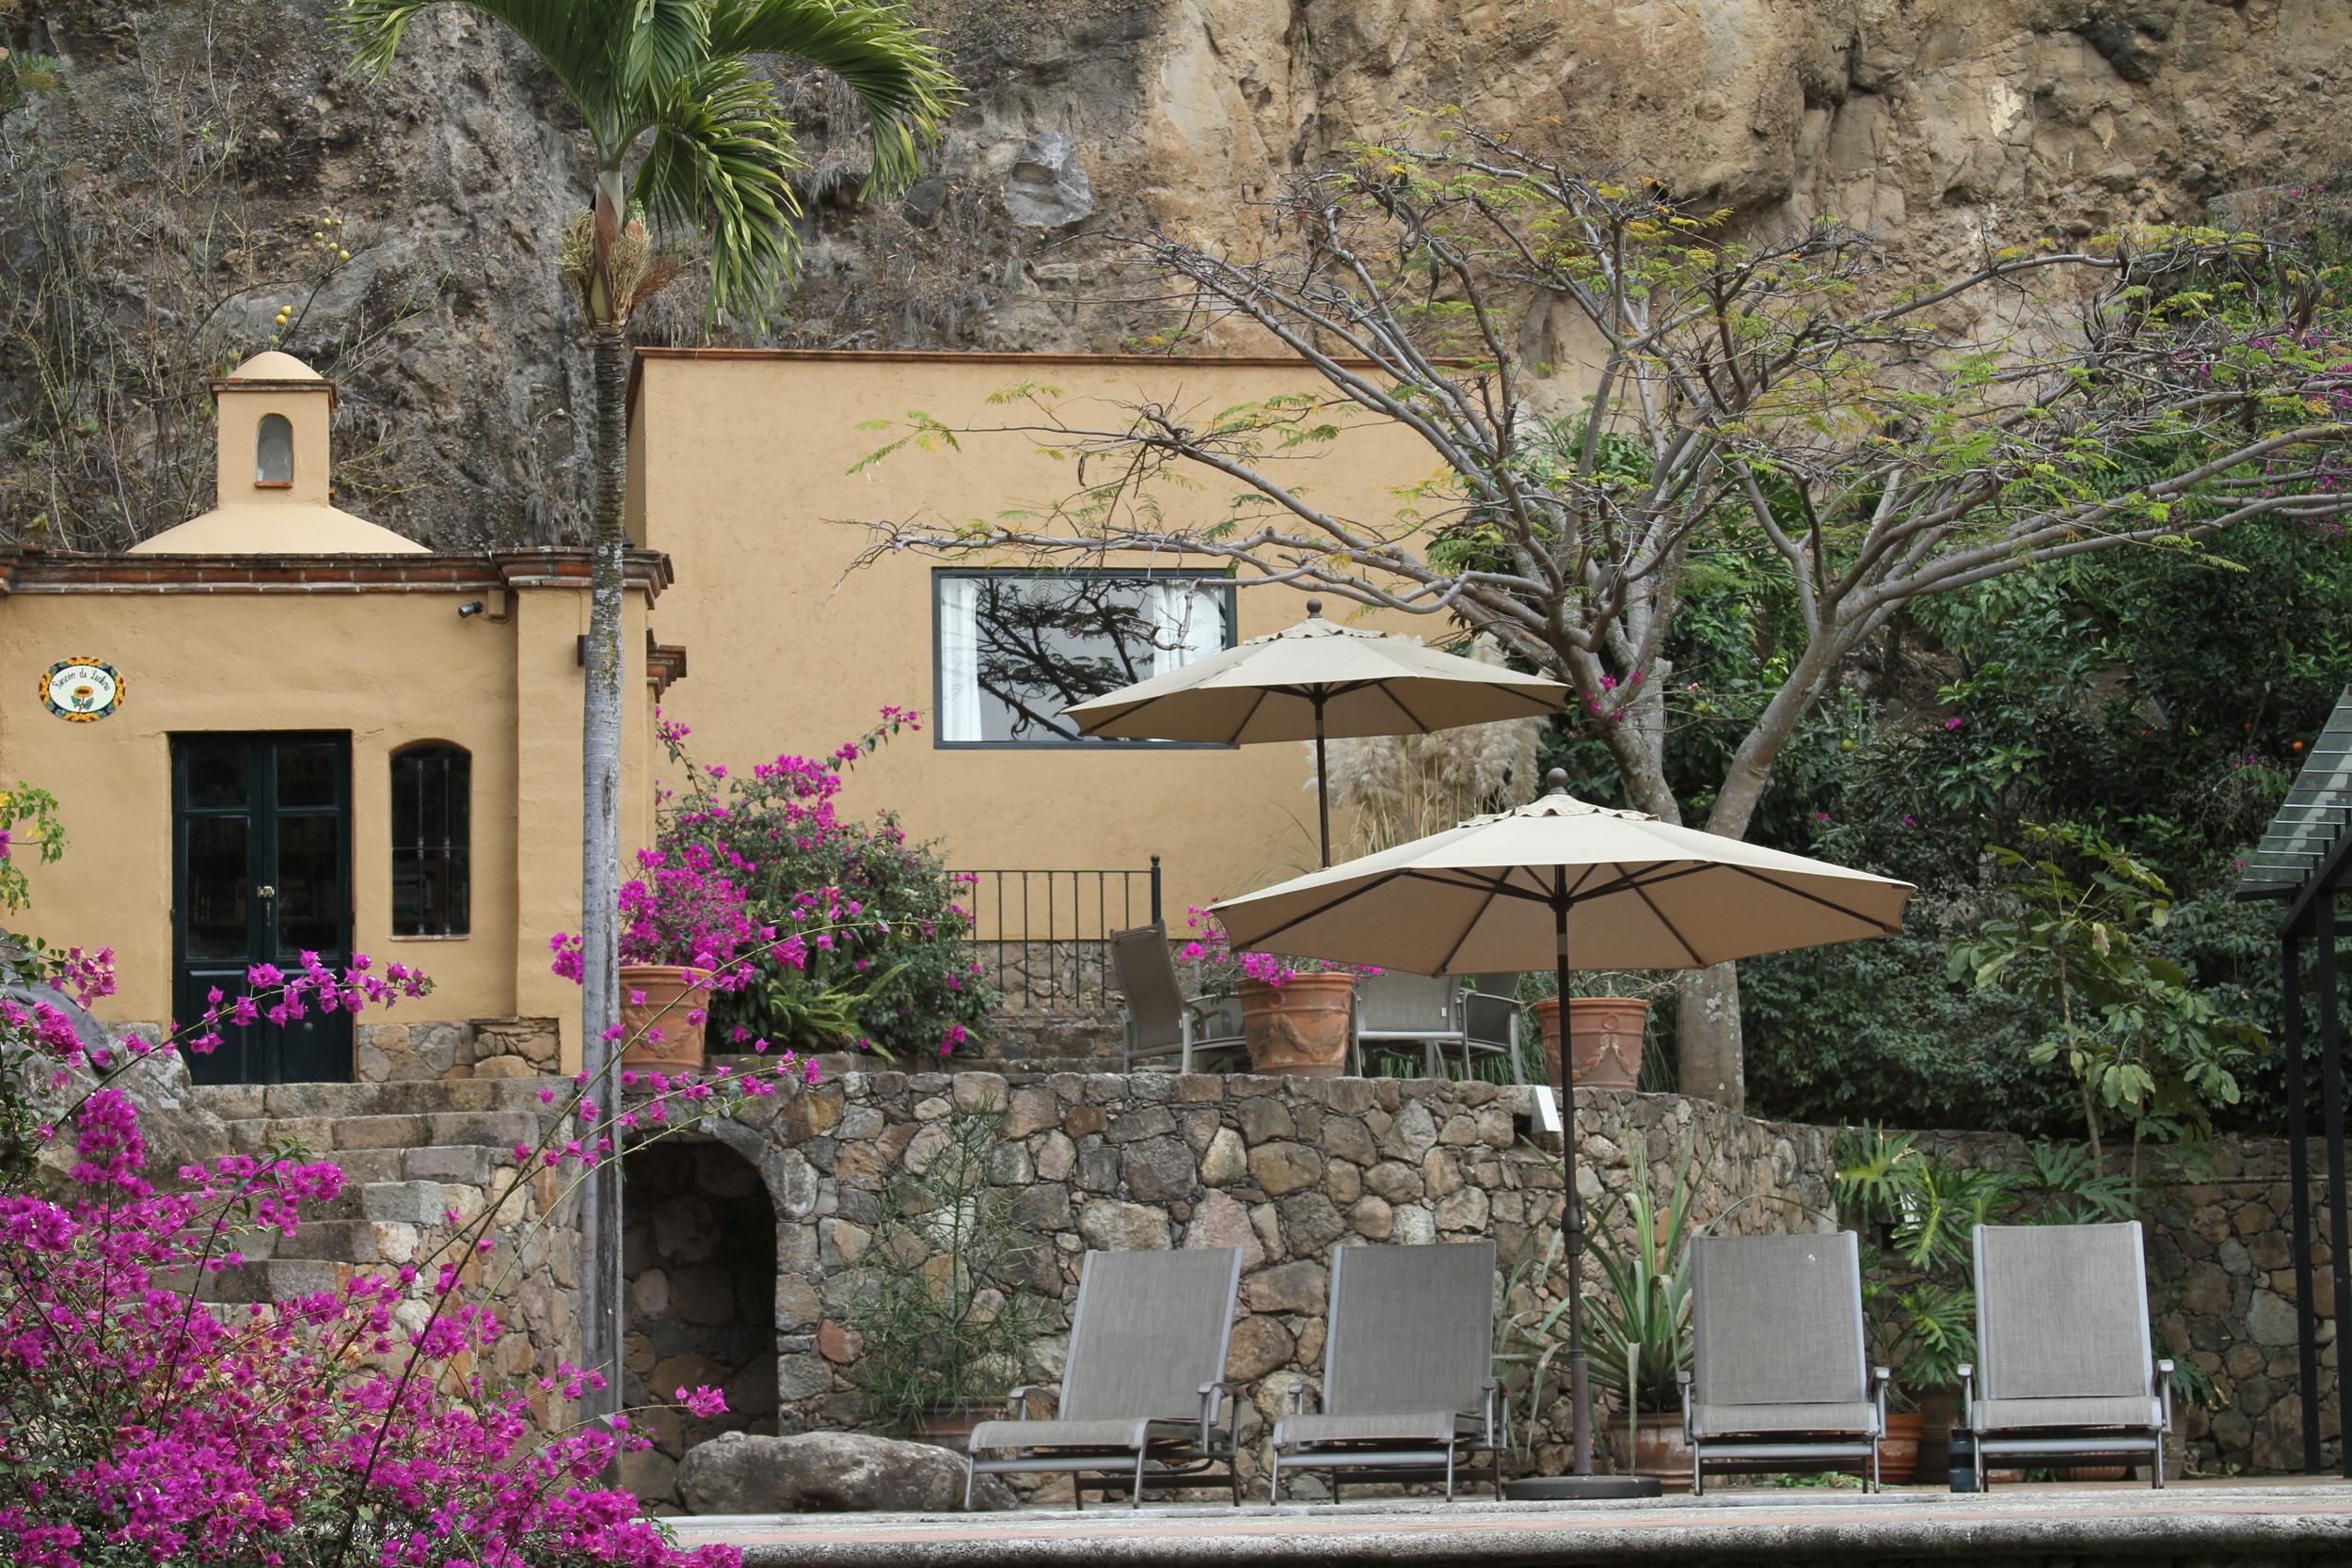 Hotel in Malinalco Mexico